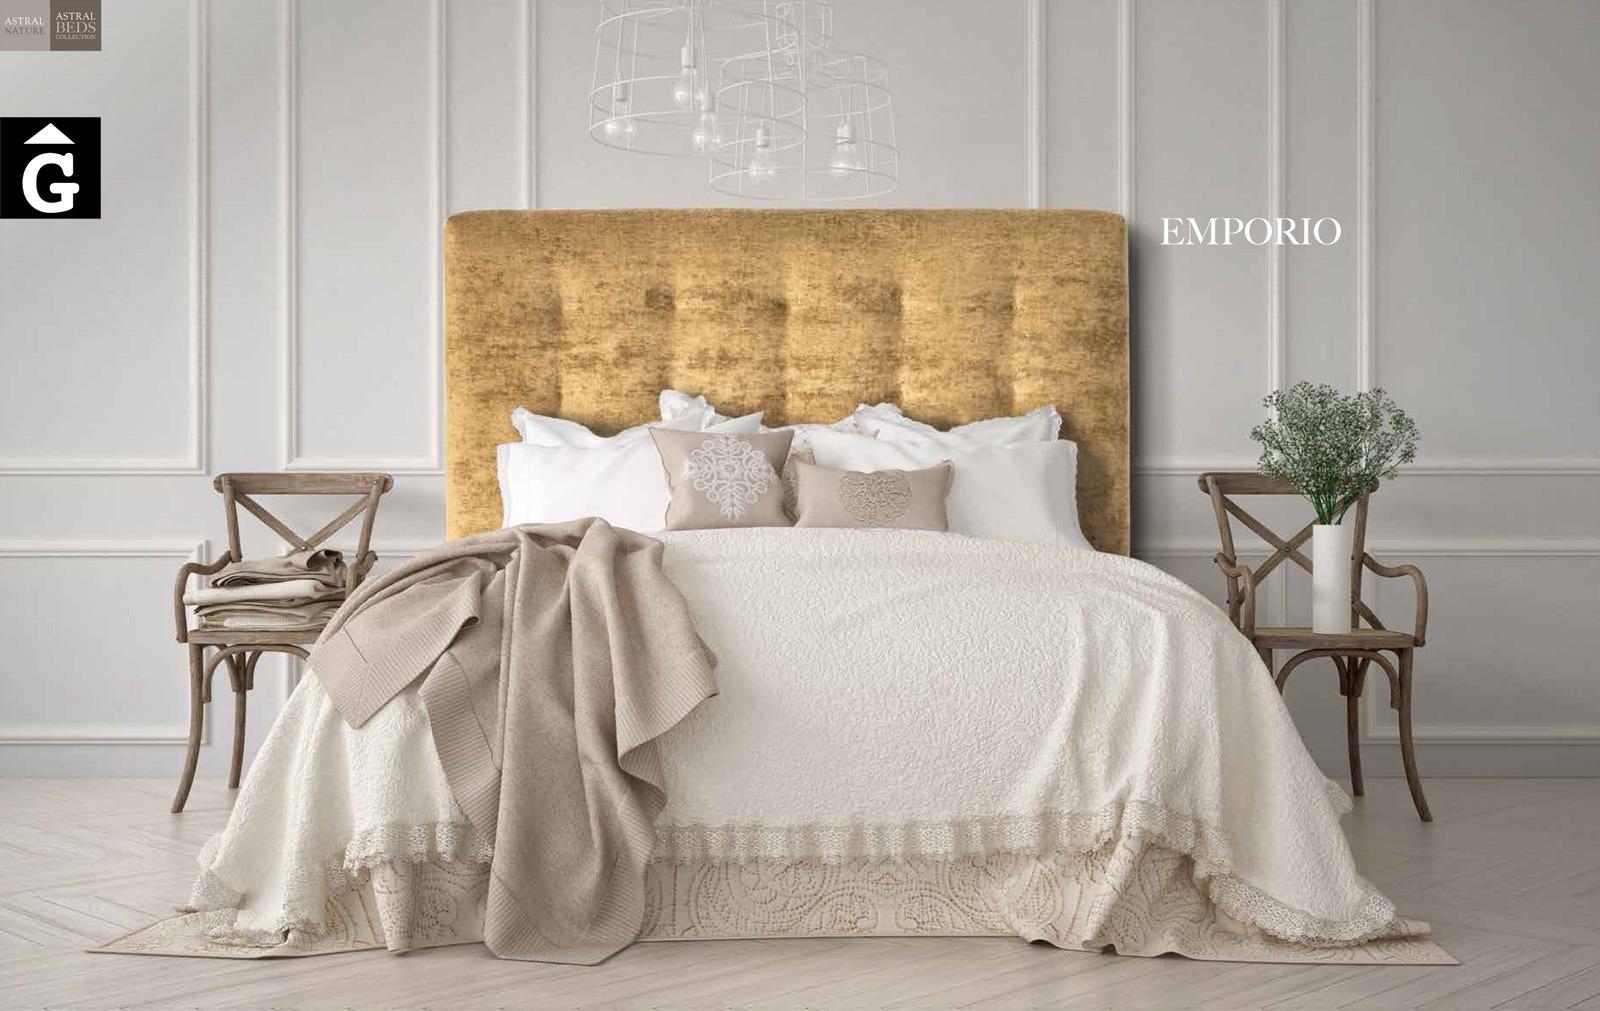 Emporio llit. Beds Astral Nature descans qualitat natural i salut junts per mobles Gifreu